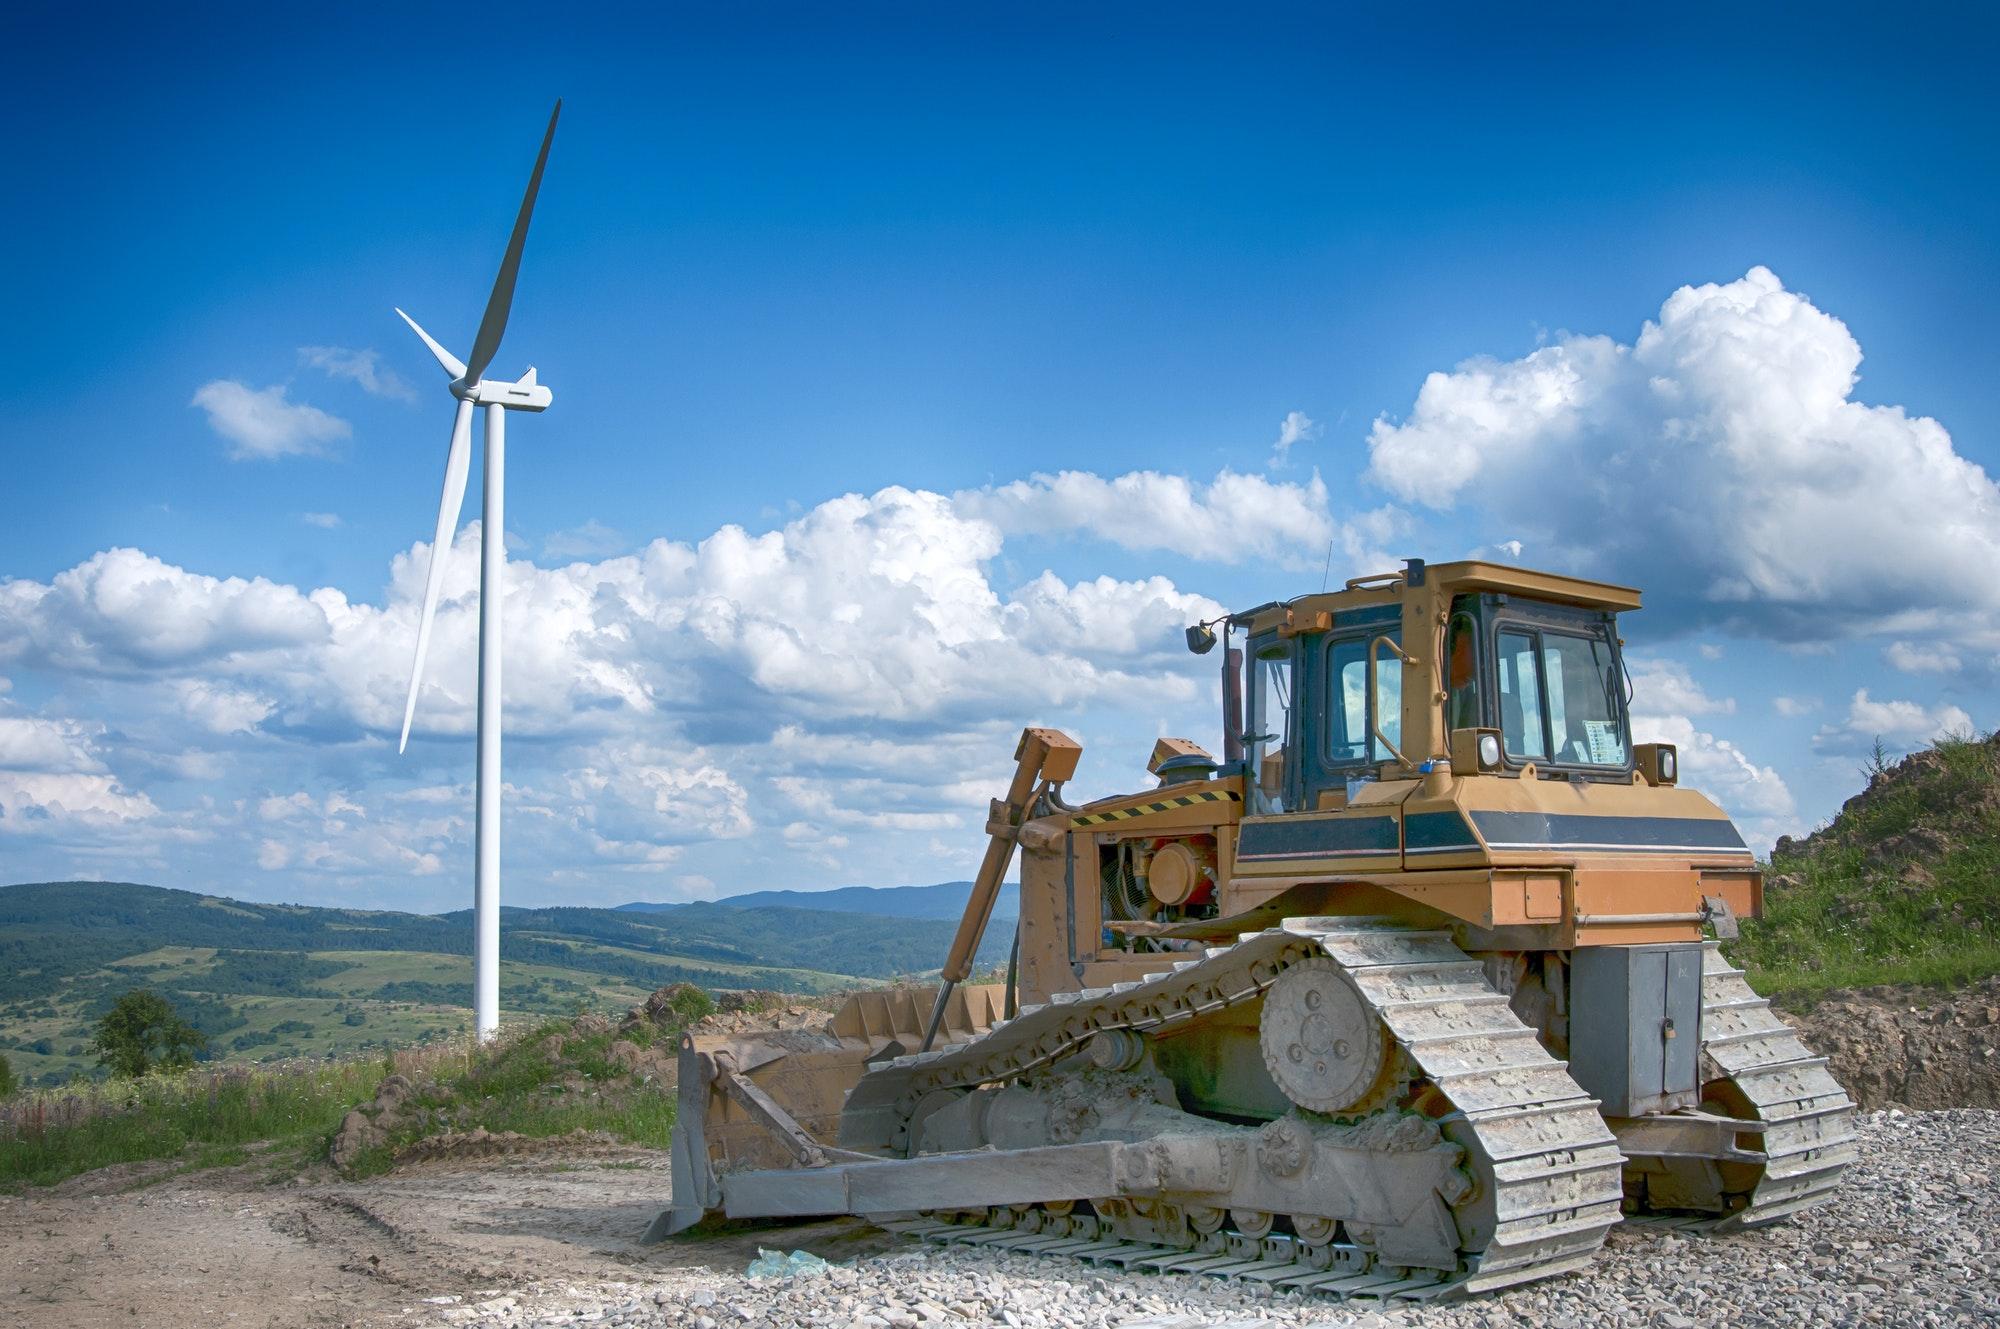 Ventajas de las grúas estructurales en la industria eólica